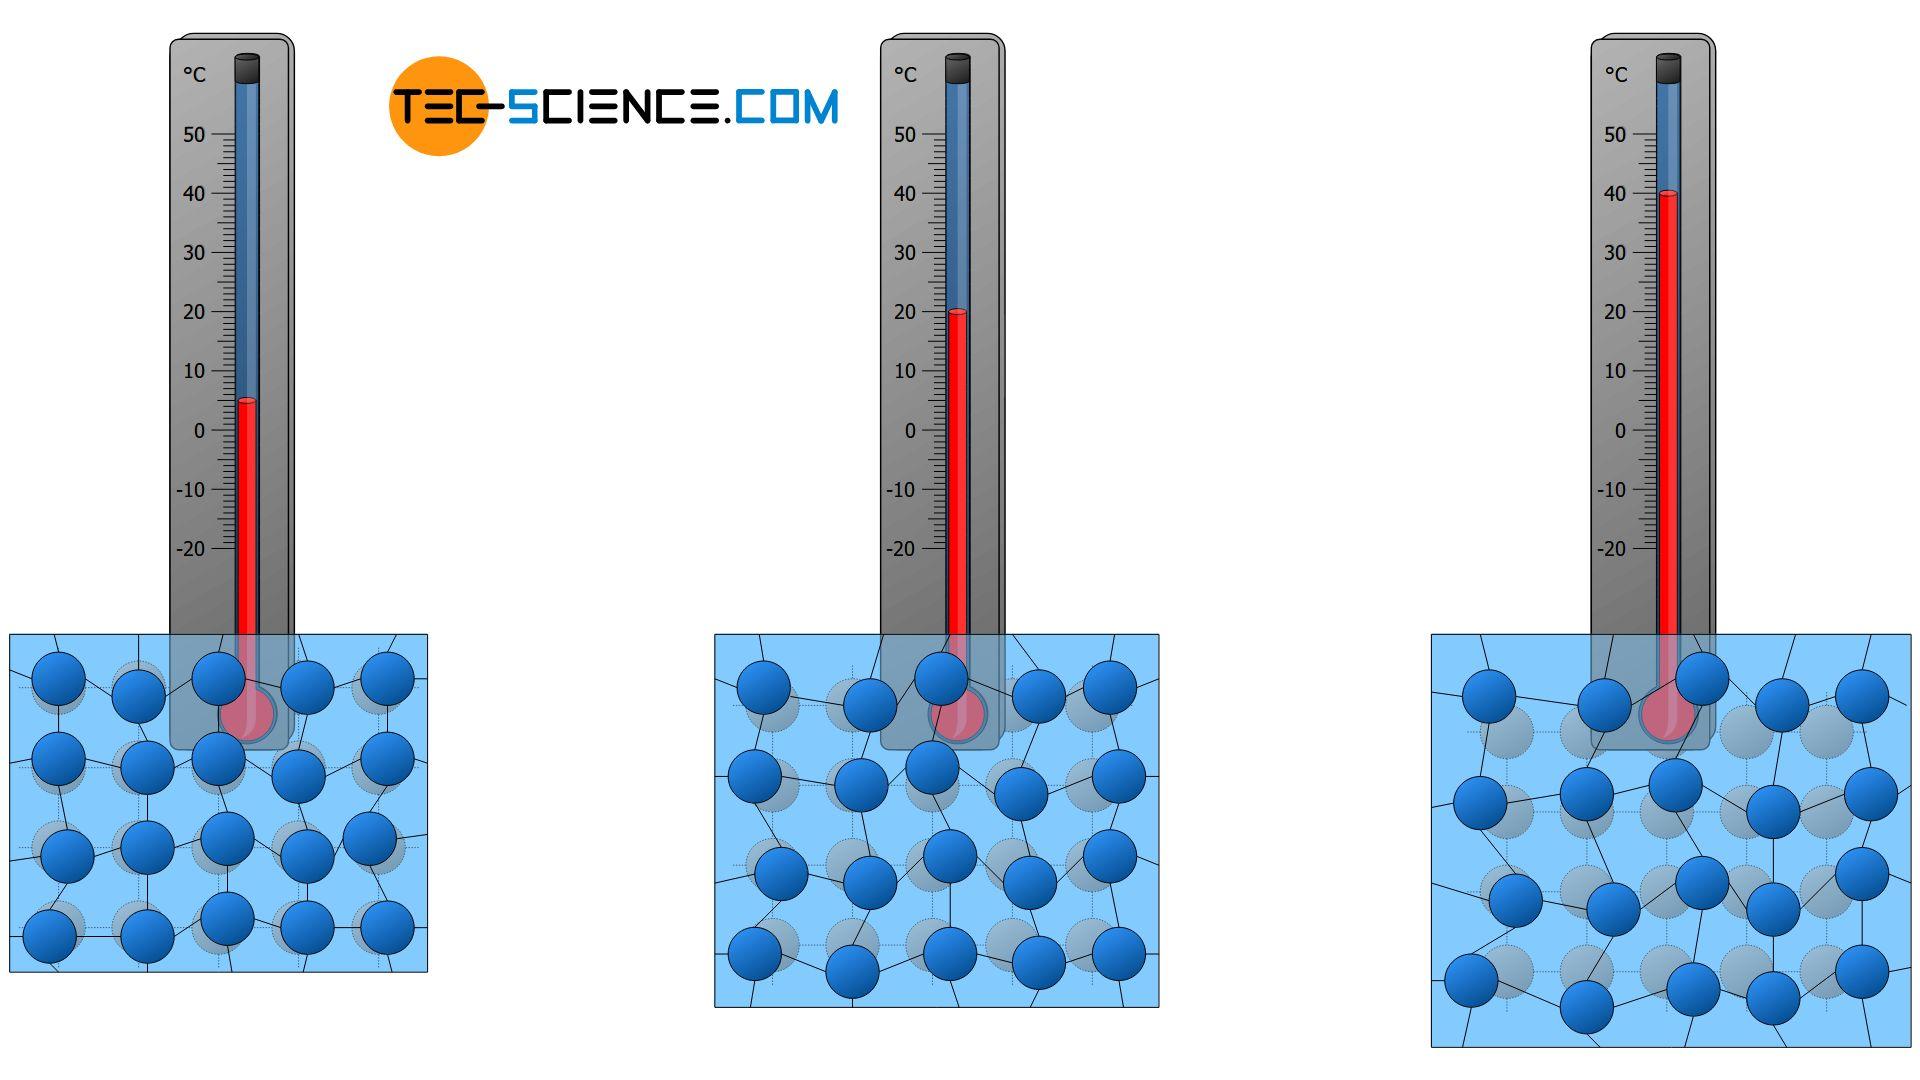 Einfluss der Temperatur auf die Teilchenbewegung und die Wärmeausdehnung